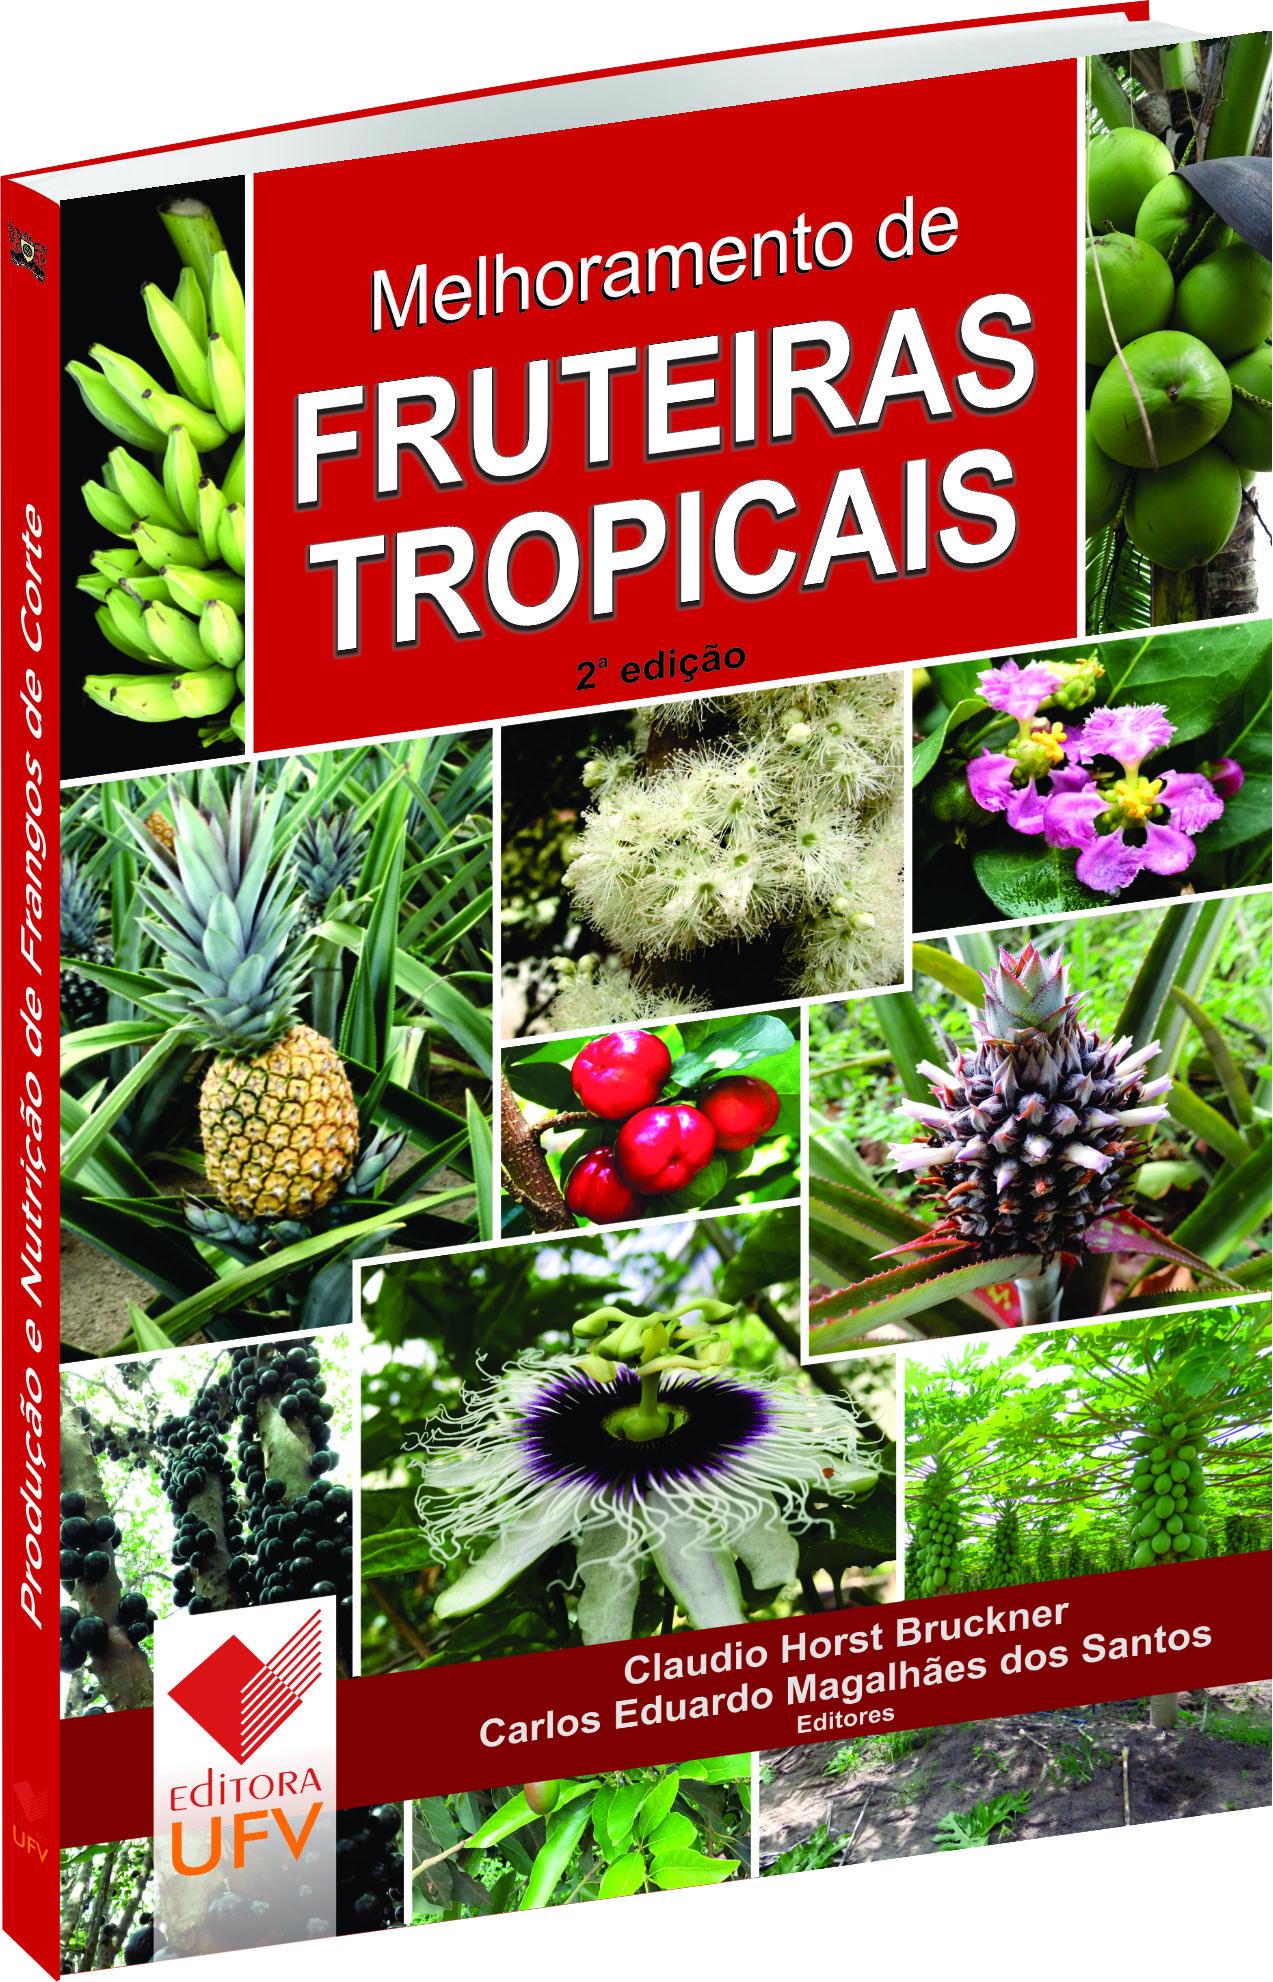 Melhoramento de Fruteiras Tropicais - 2ª Edição